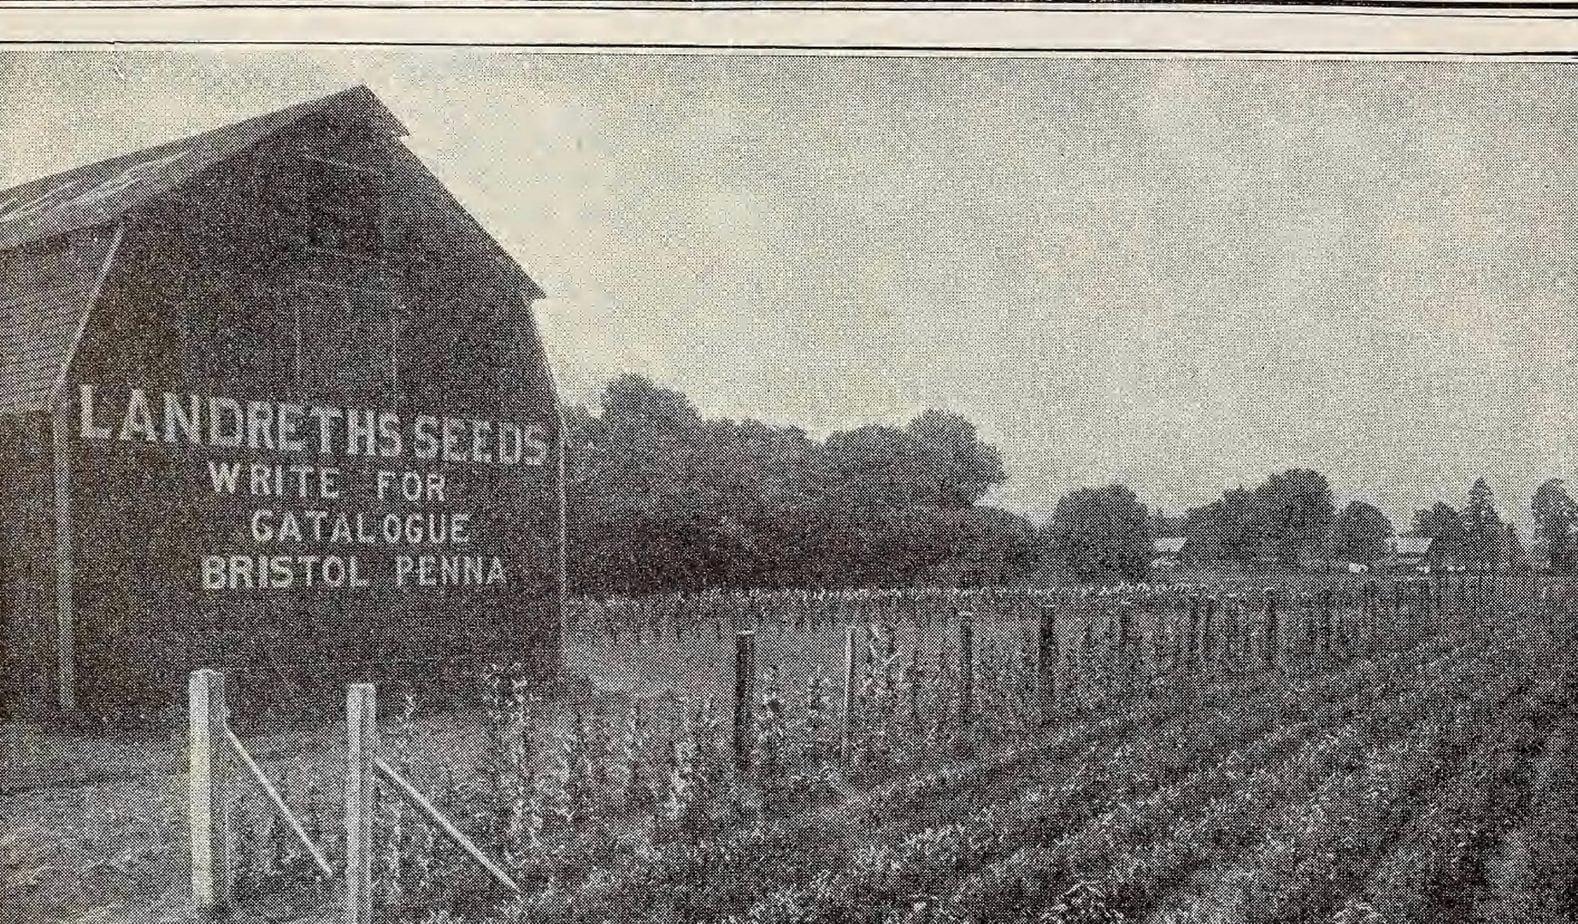 D. Landreth Seed Company